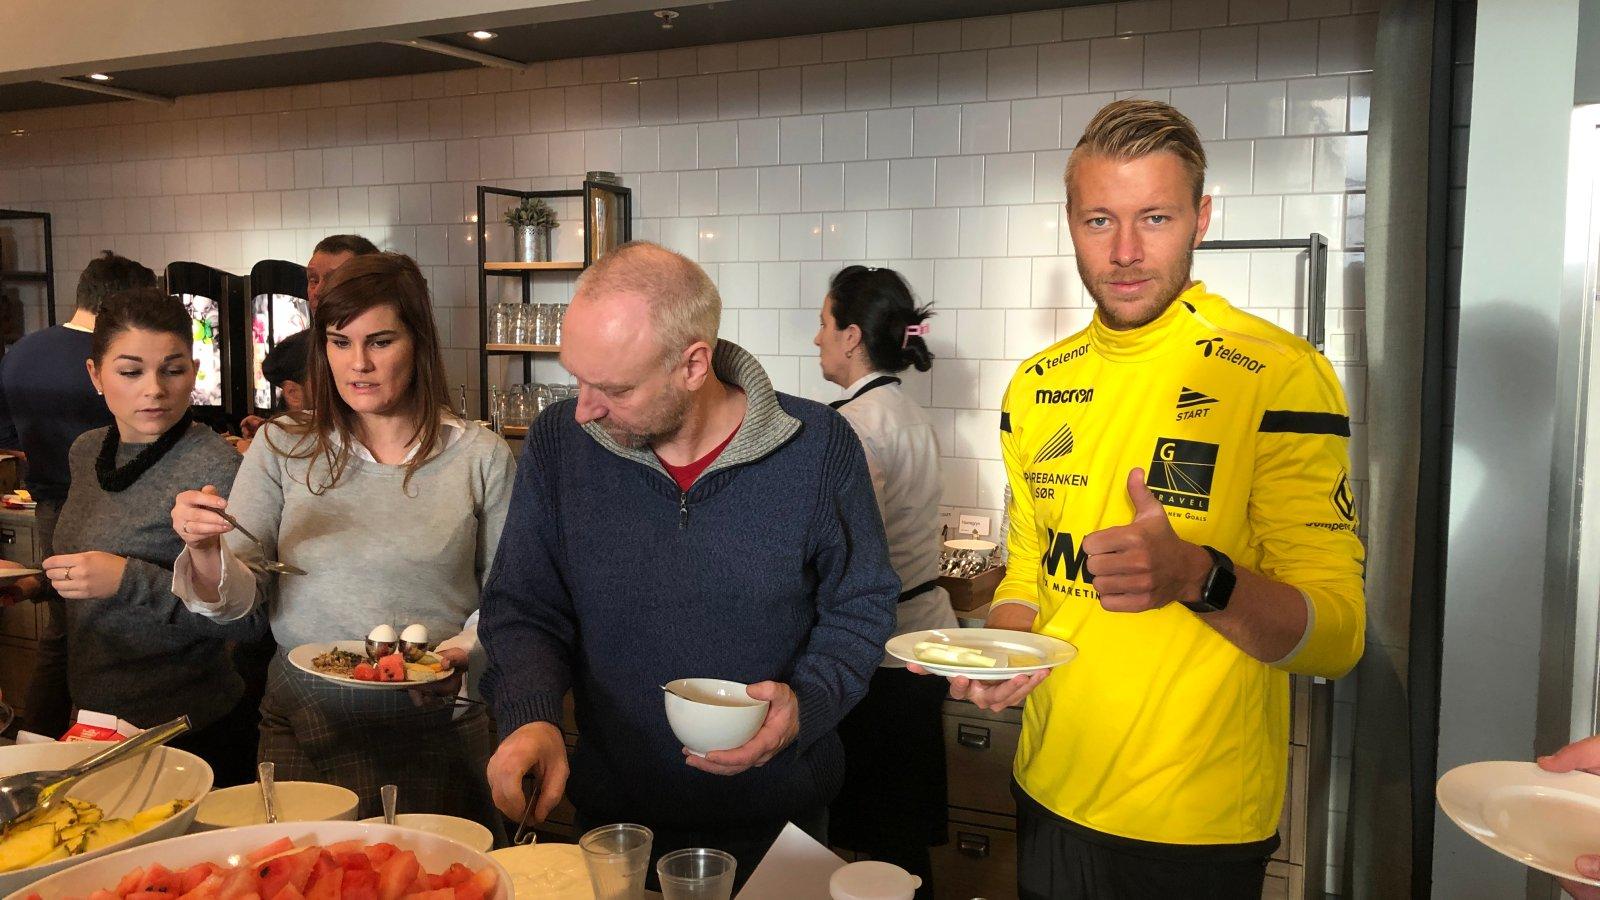 Henrik Robstad godt fornøyd med frokostbuffeten på Scanic Bystranda Hotell